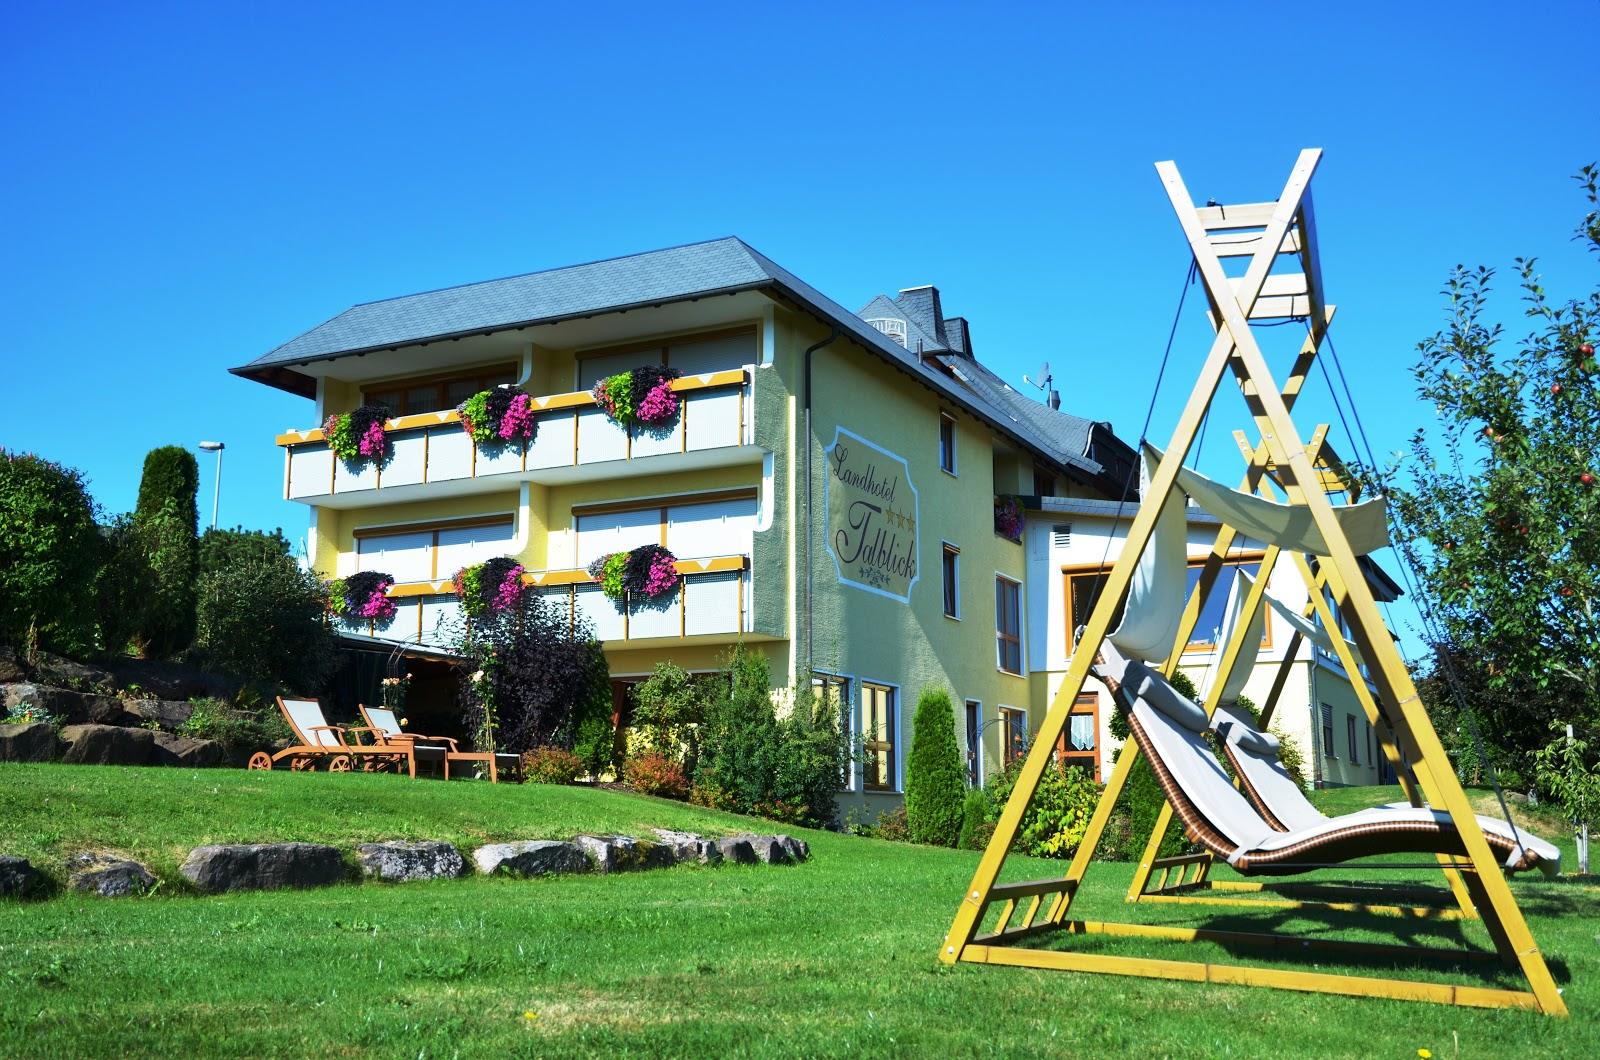 Das Landhotel Talblick im Nördlichen Schwarzwald liegt inmitten unberührter Natur